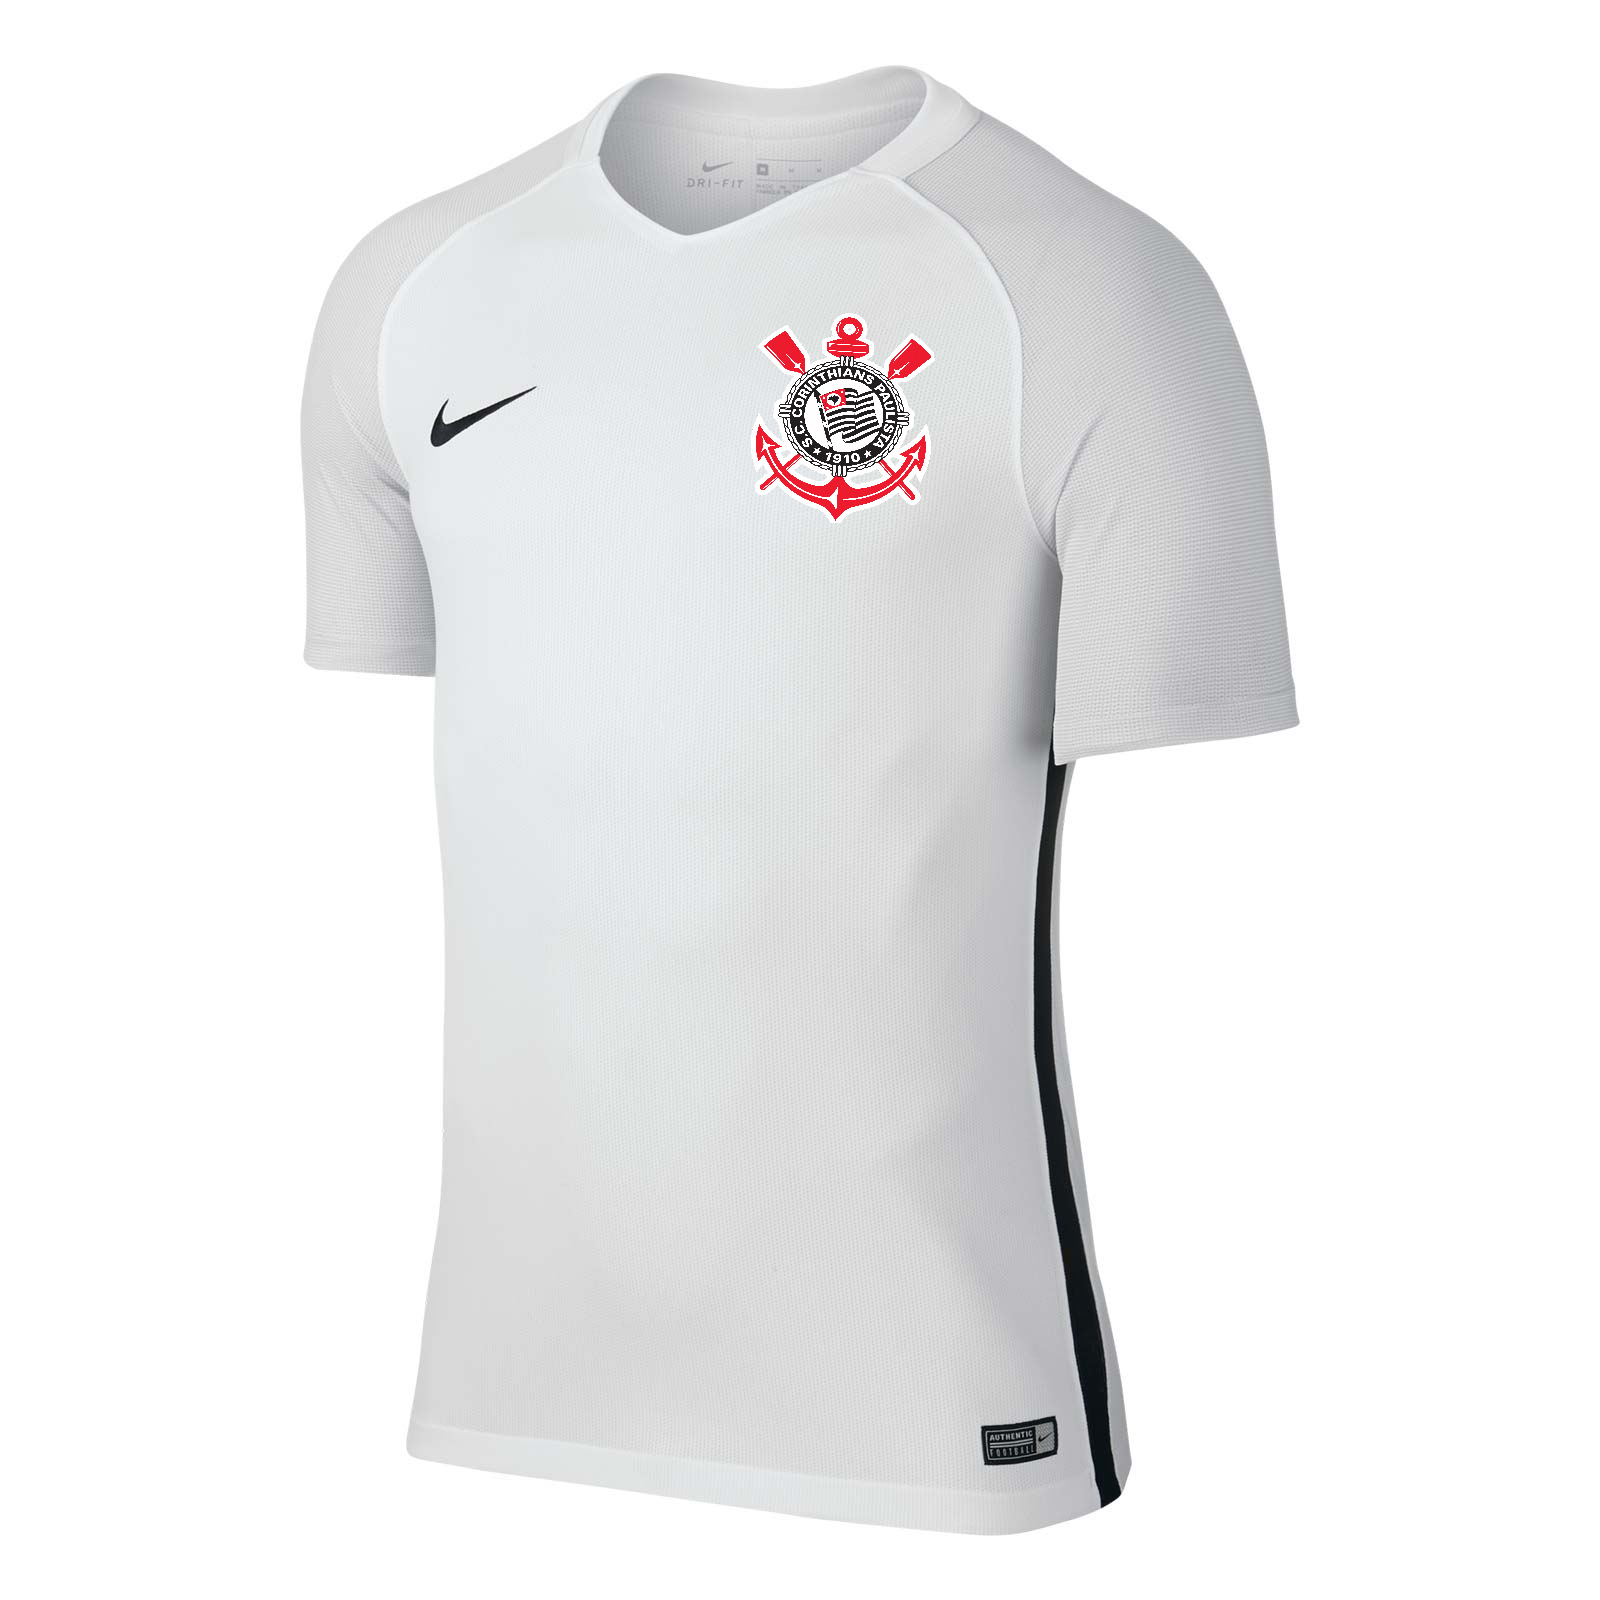 9216b1d55c341 Em dois tons de branco. Nos ombros e braços um branco  gelo  enquanto o  restante da camisa o branco normal.